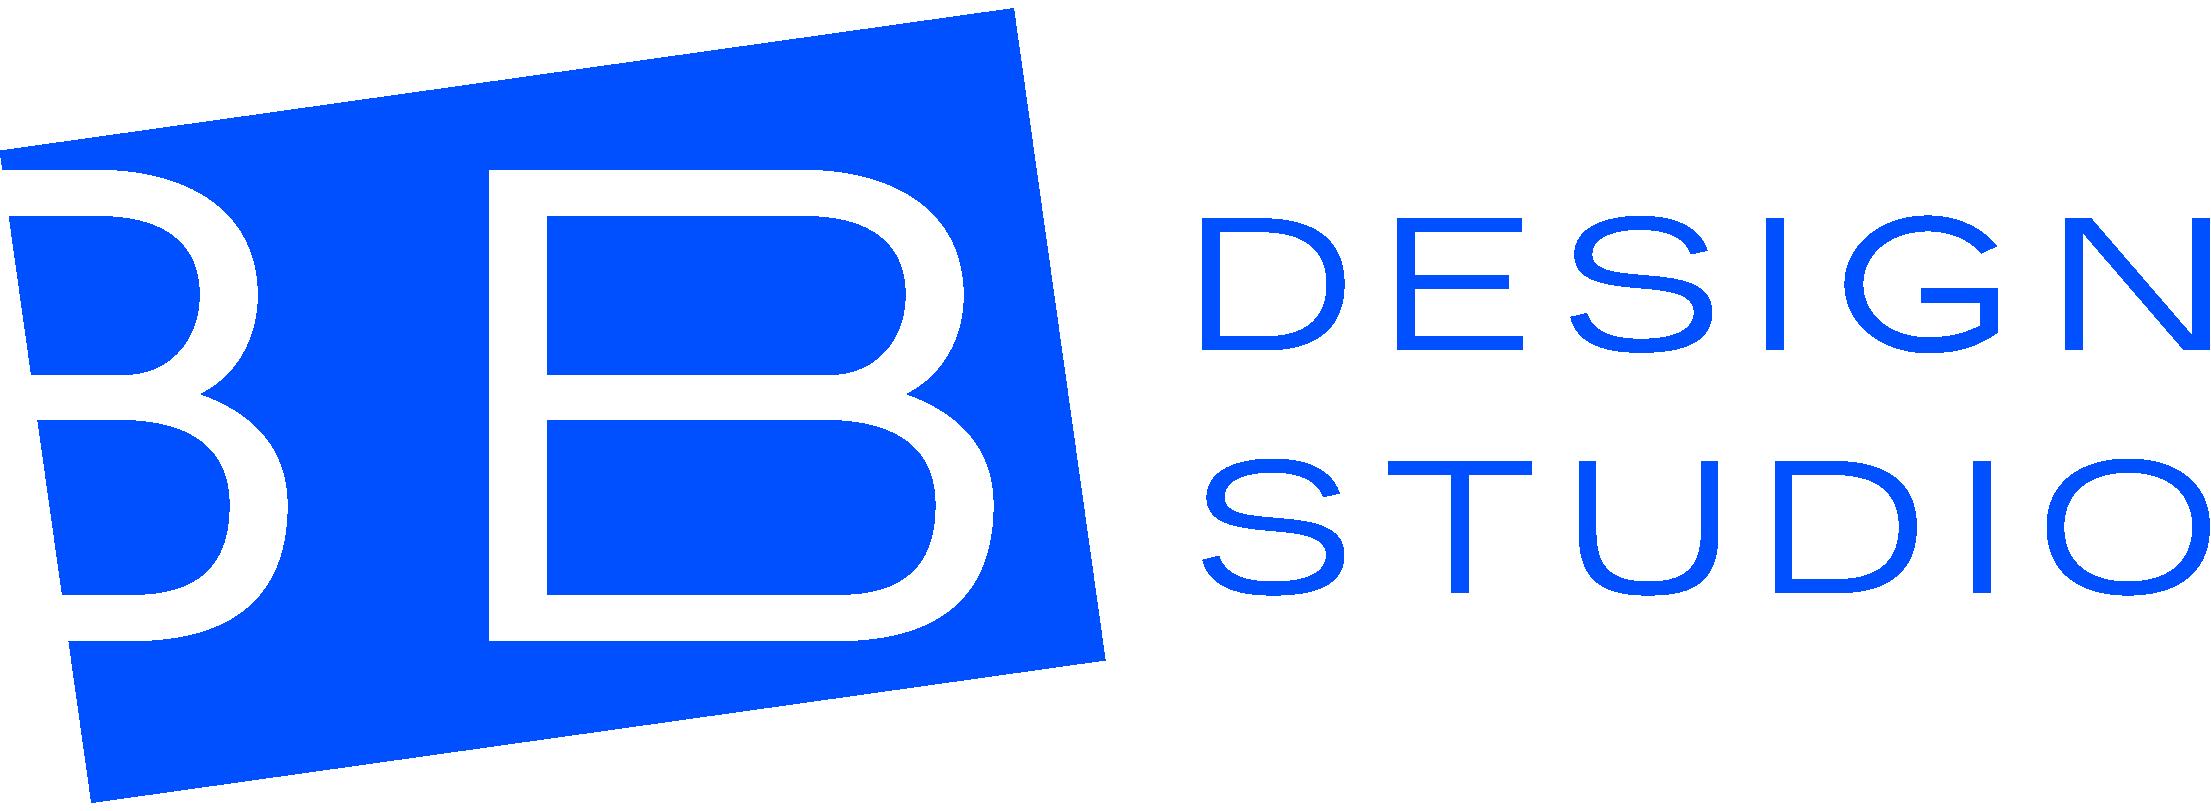 BB DESIGN STUDIO